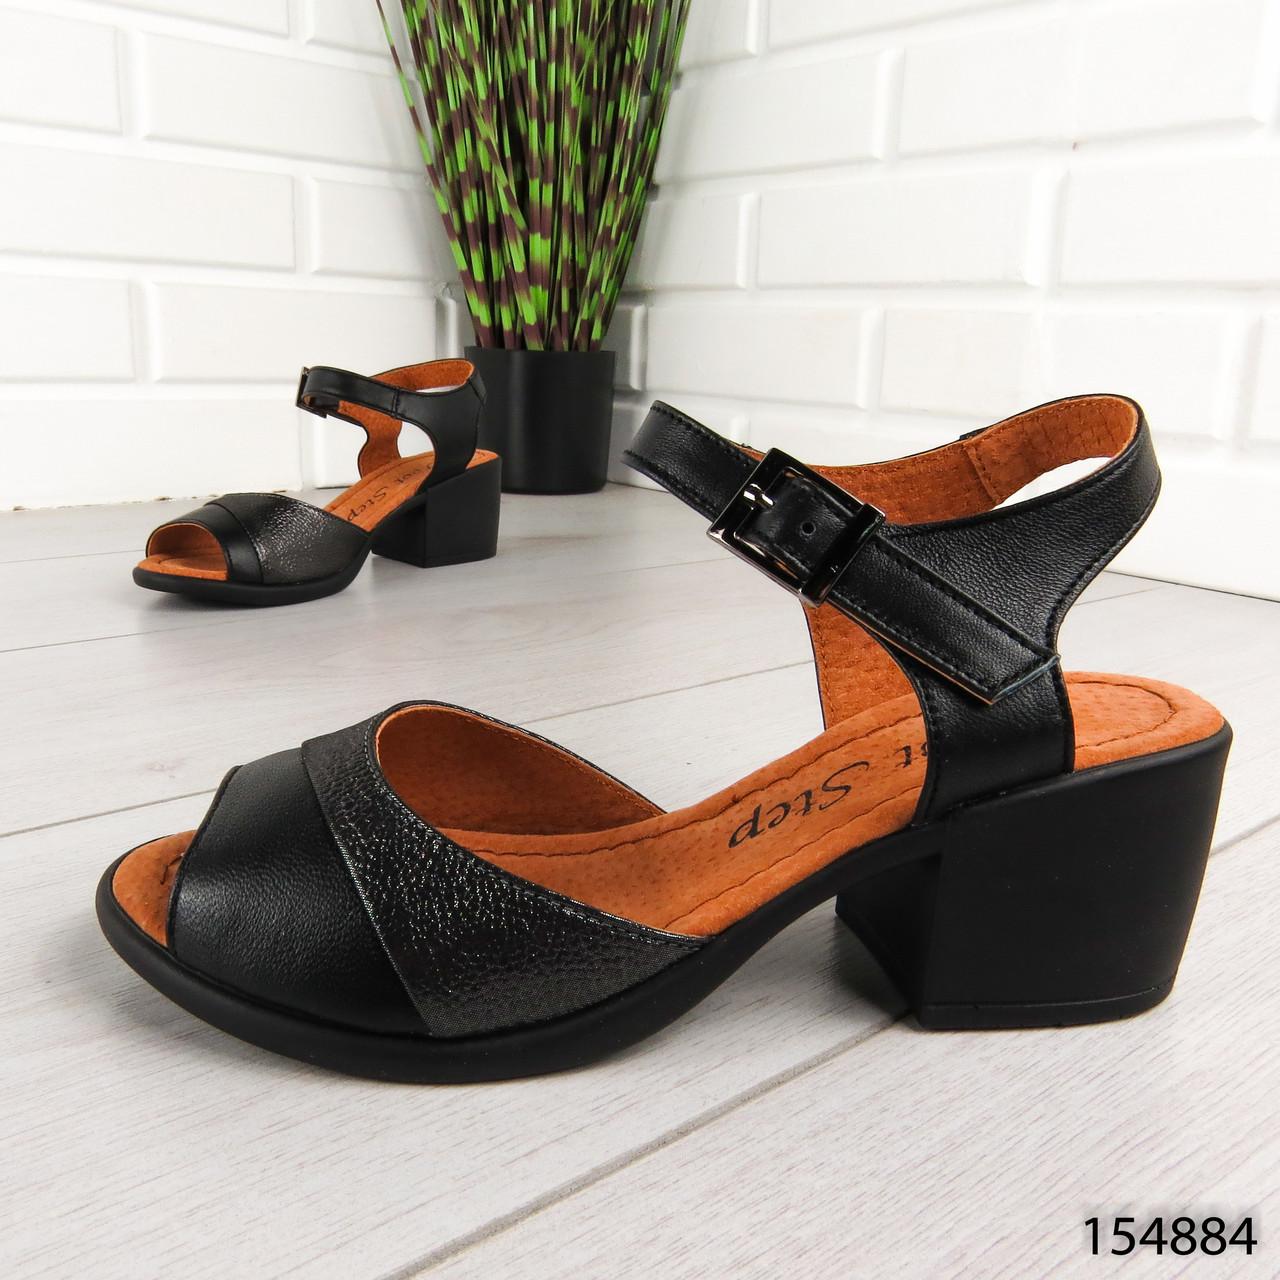 """Босоножки женские, черные """"Liuter"""" НАТУРАЛЬНАЯ КОЖА, сабо женские, открытые туфли женские"""